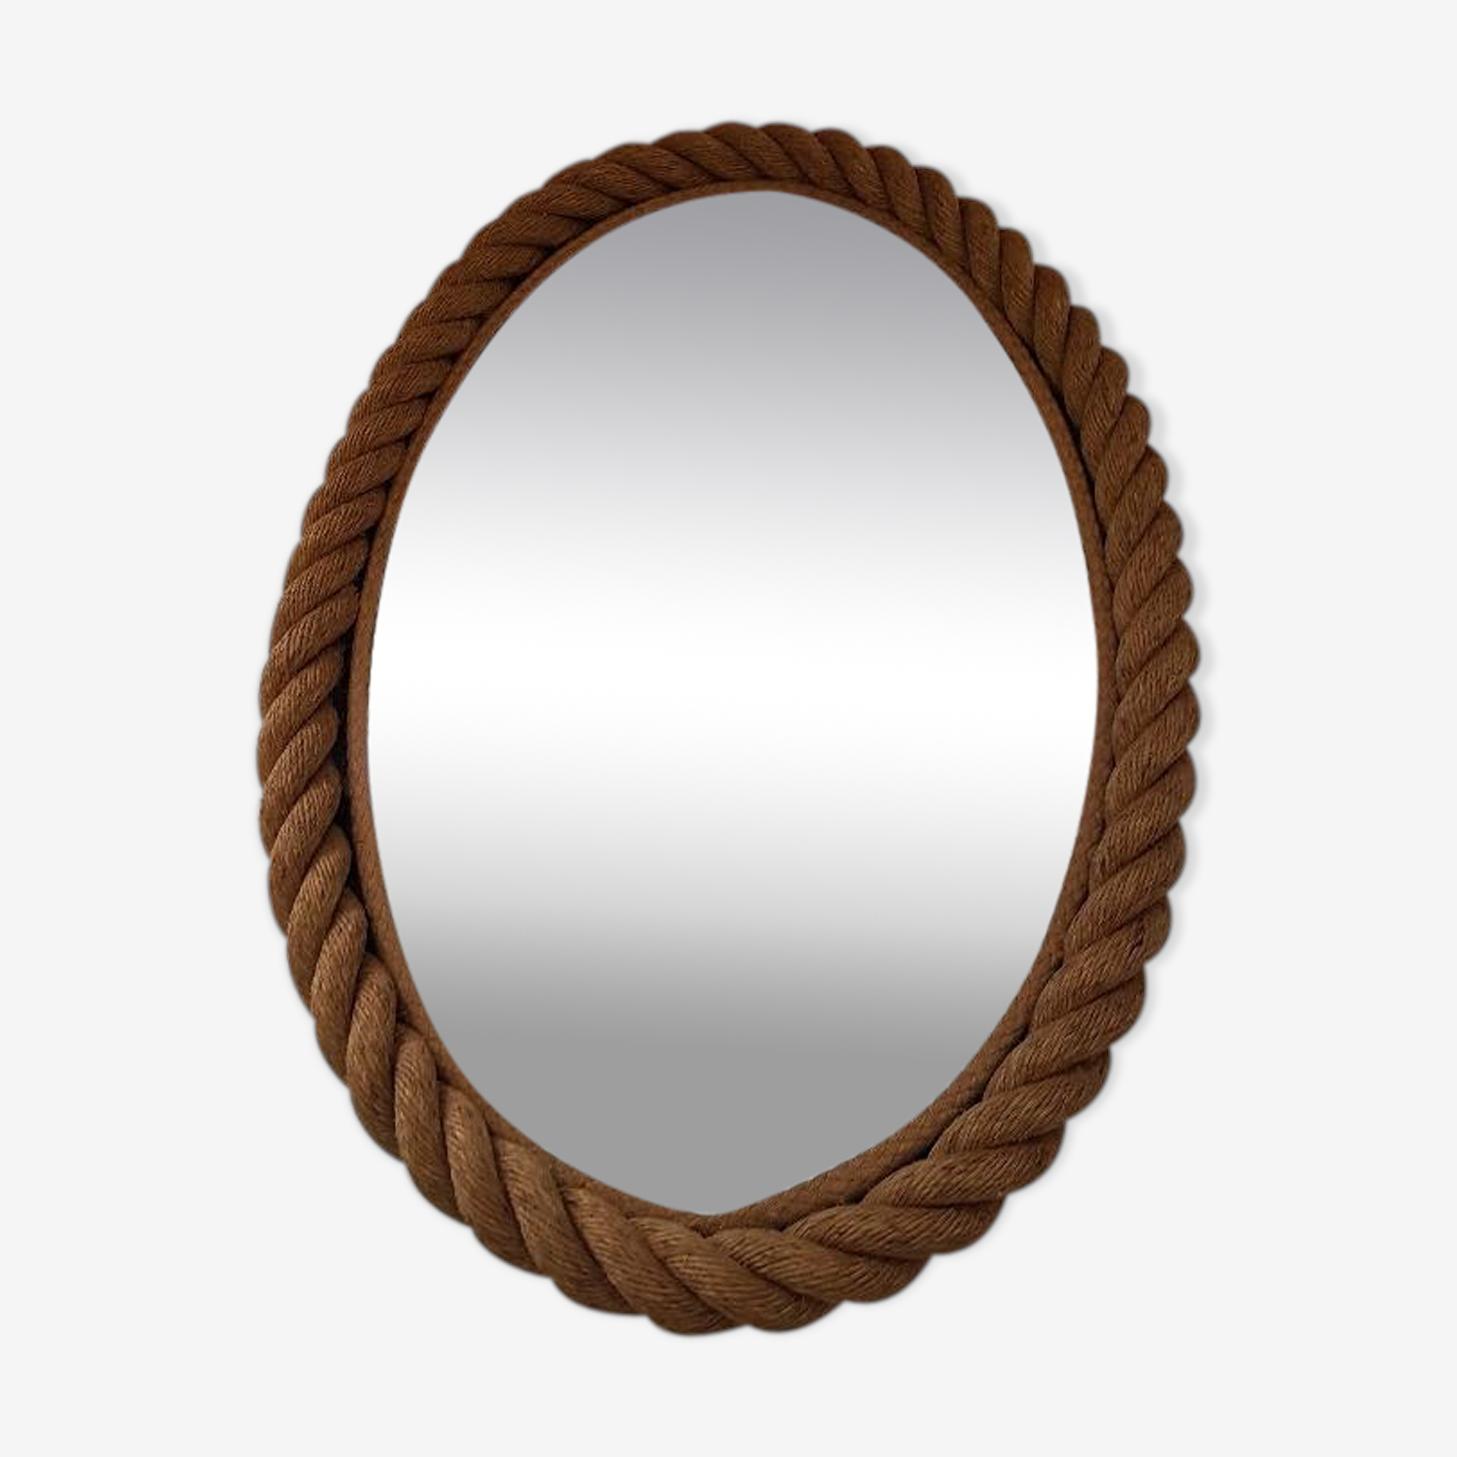 Miroir ovale en corde années 50, 49x70cm